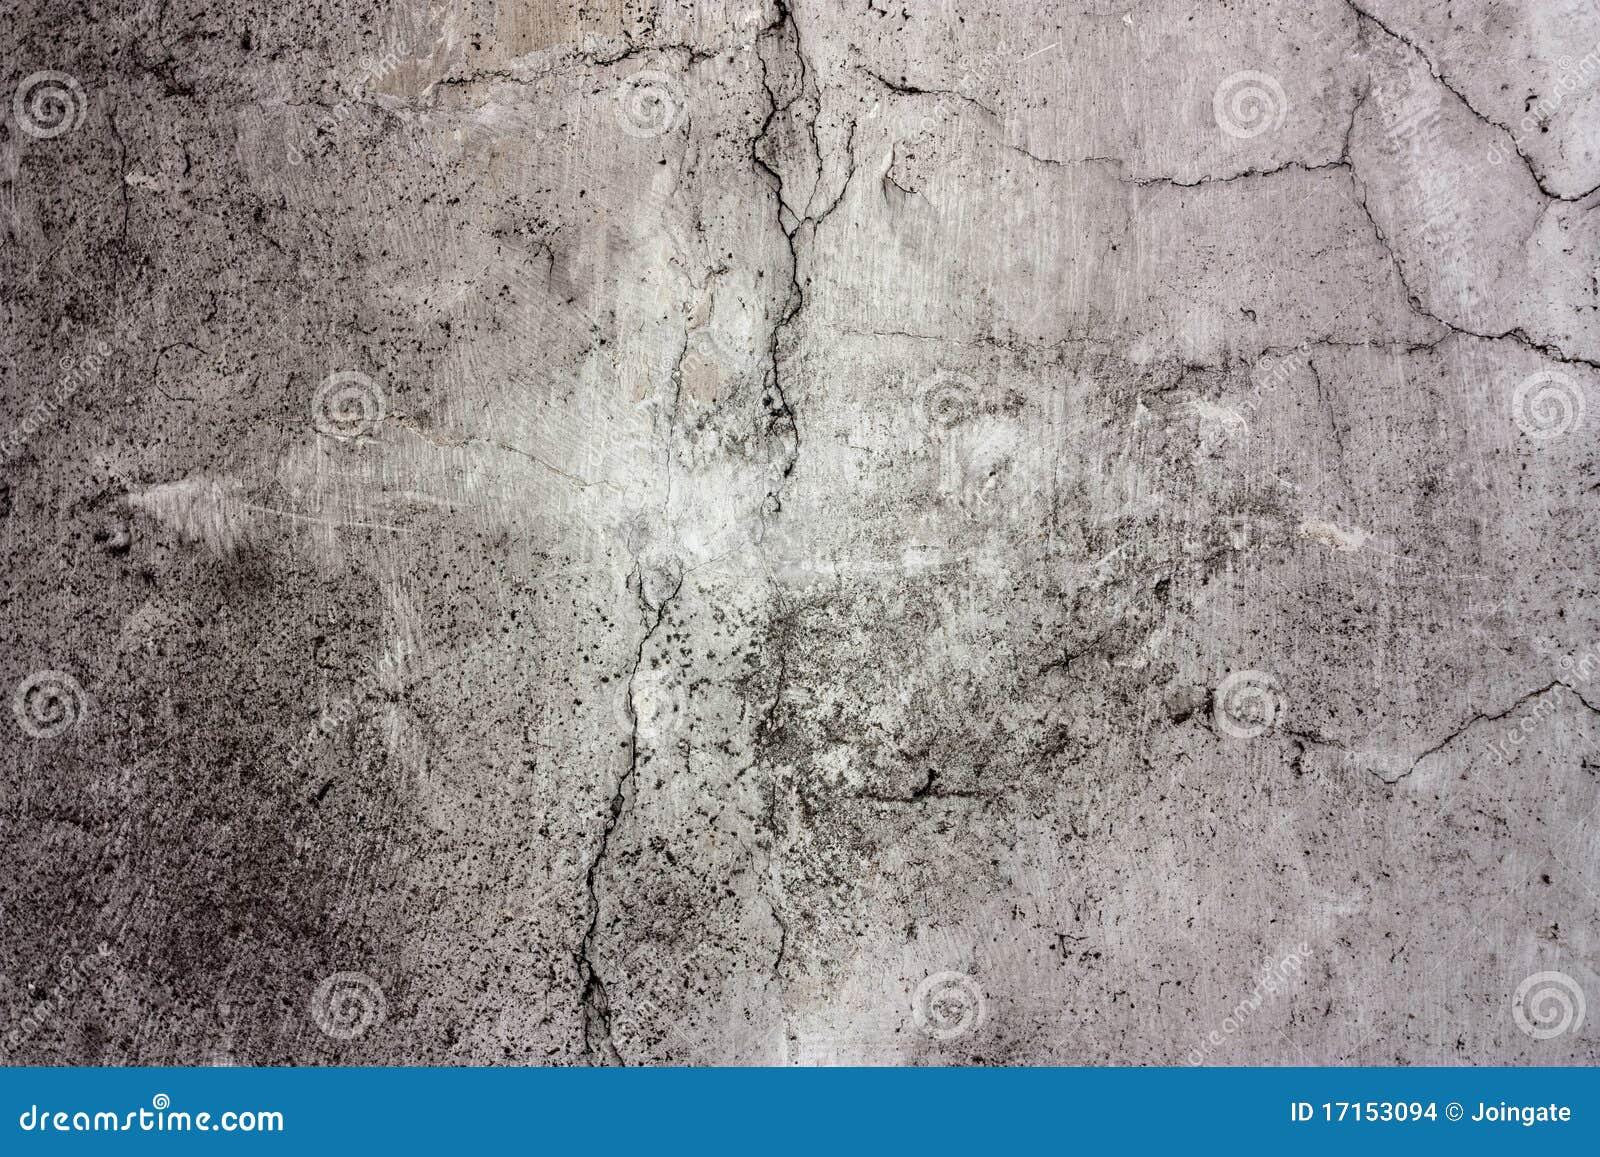 Textured grungey wall